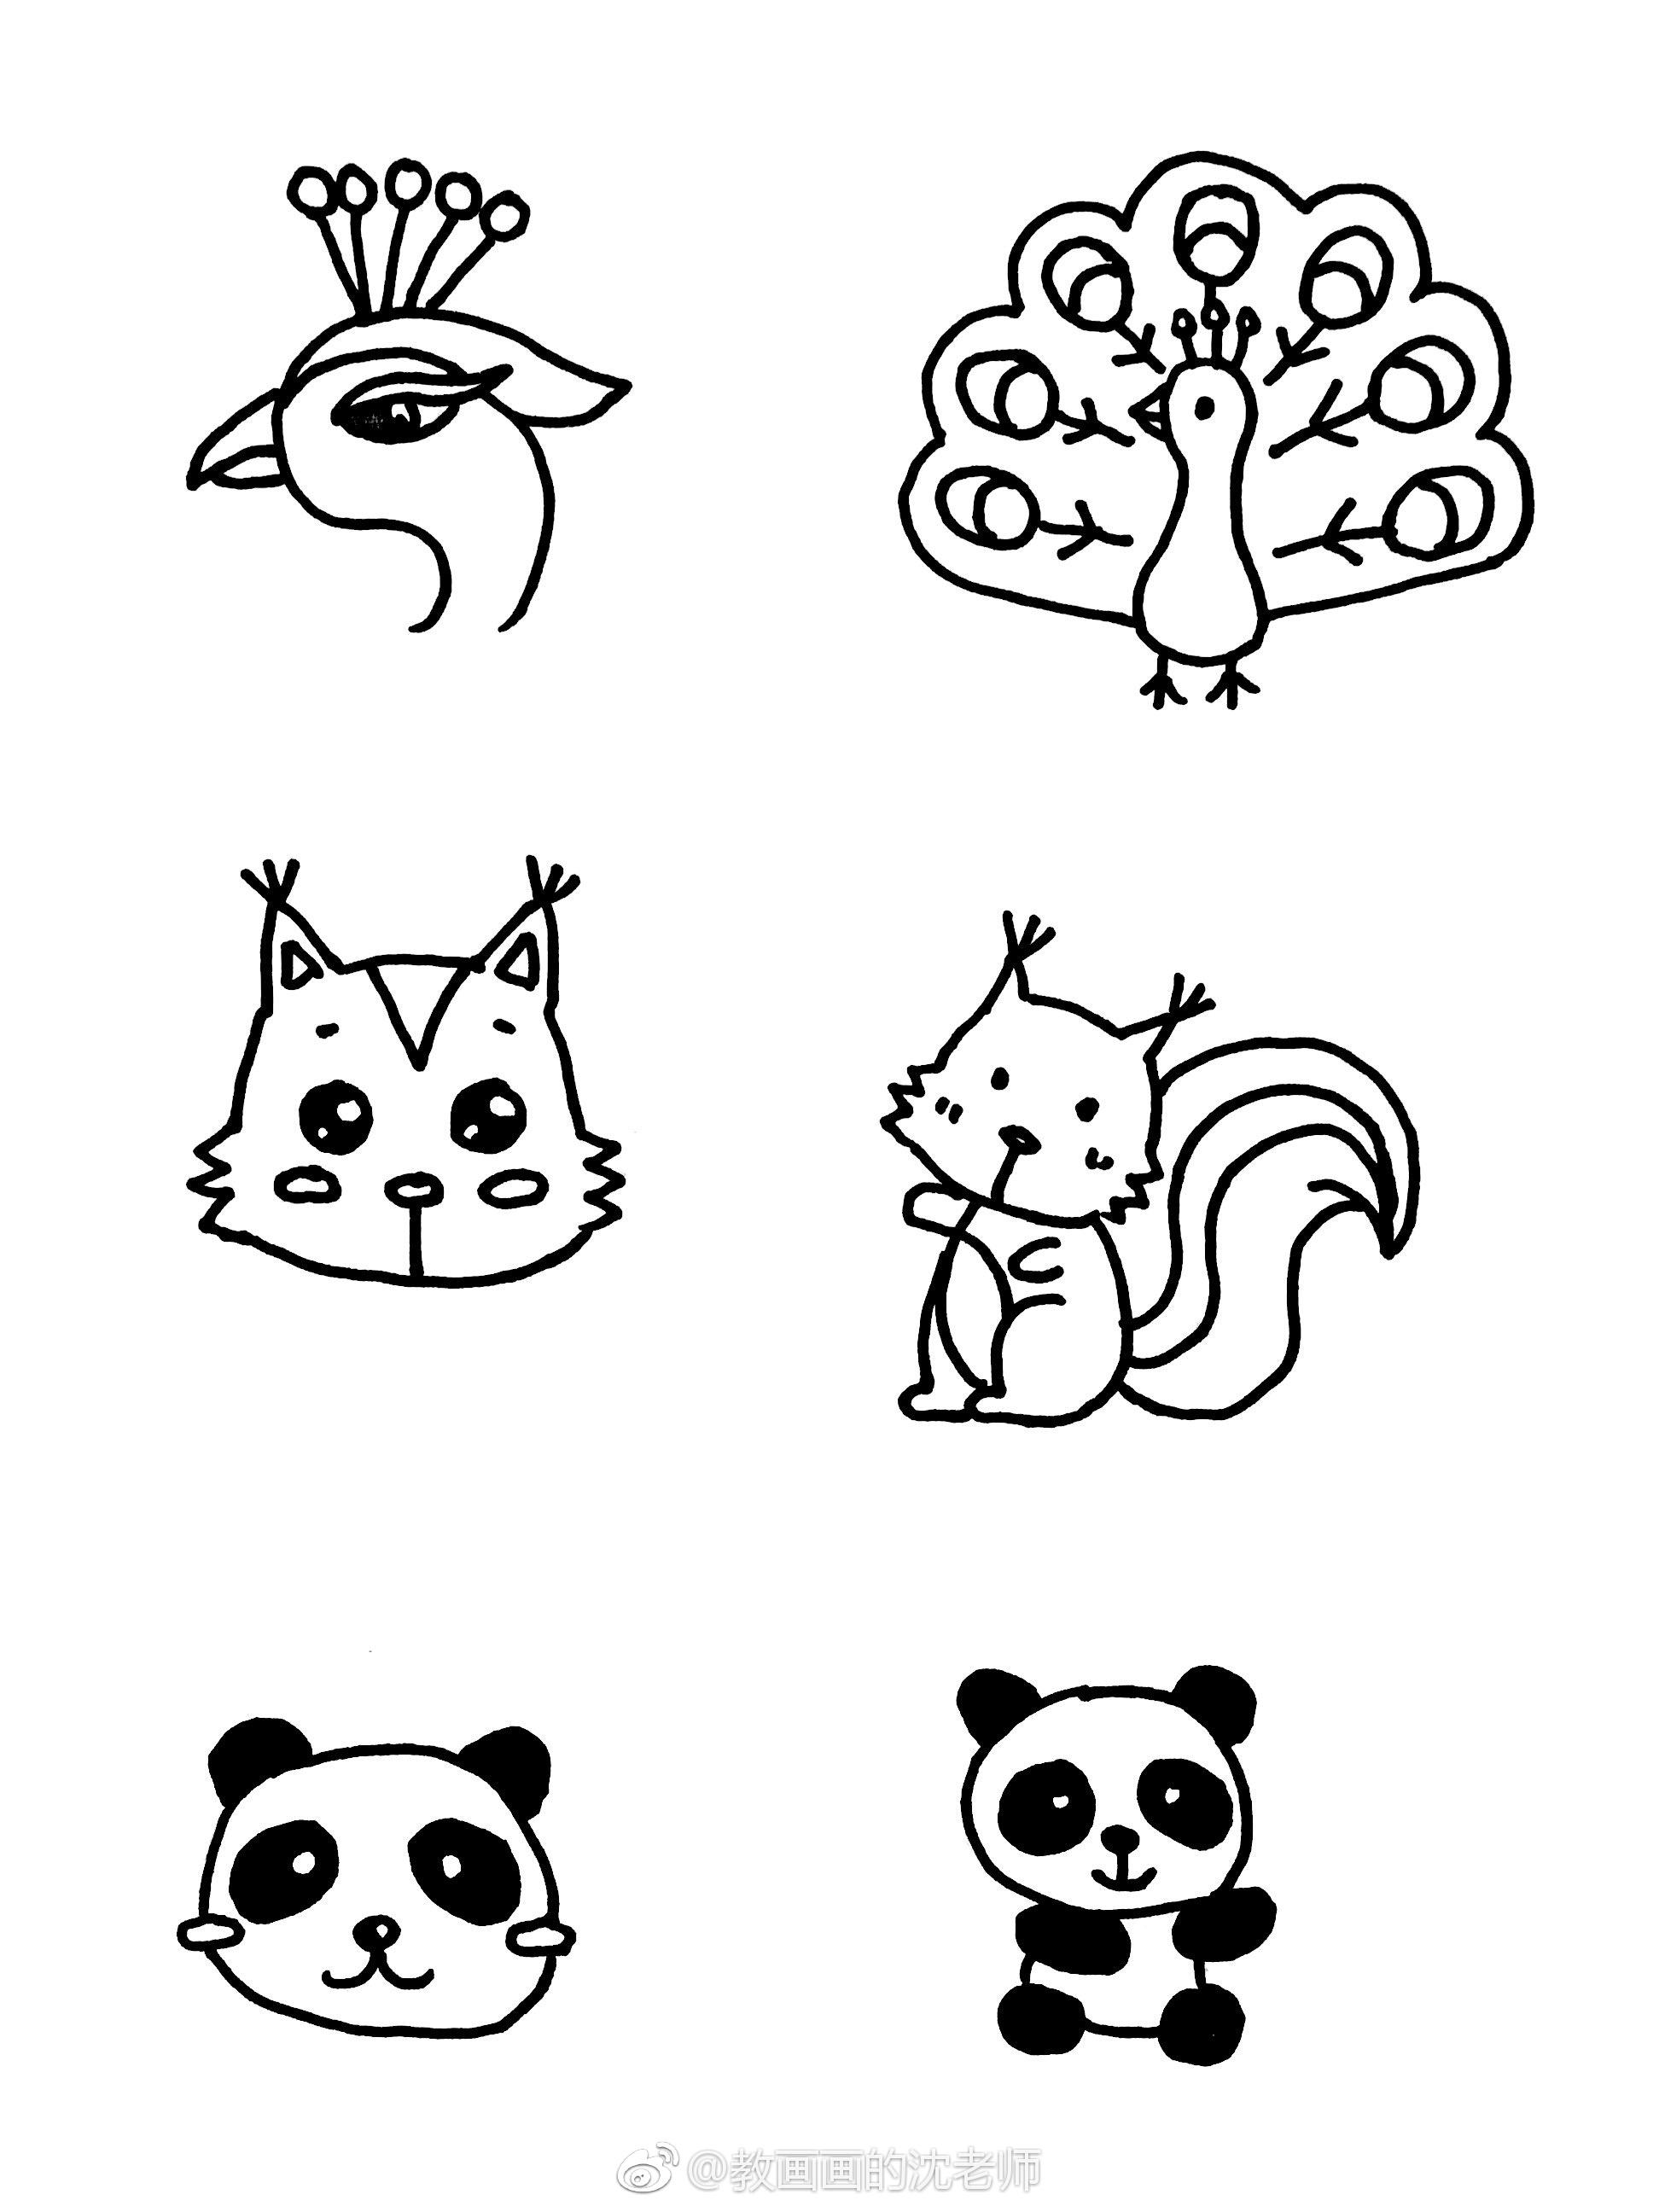 小动物手绘简笔画手账素材画好啦! 作者